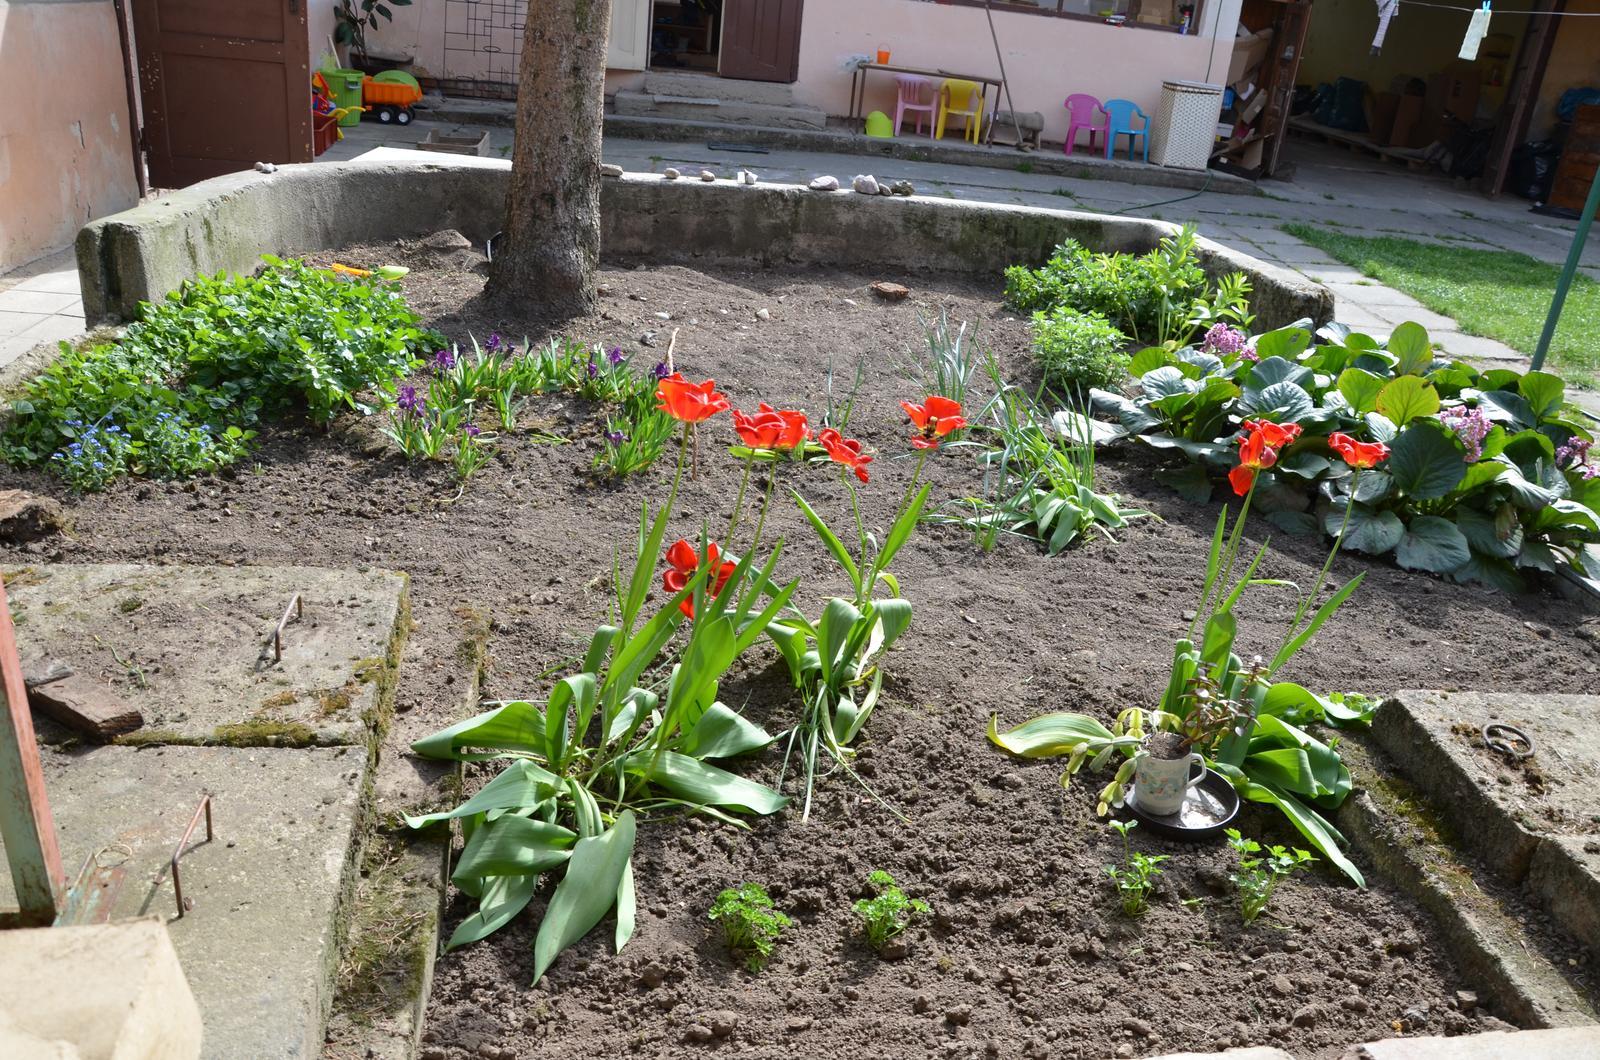 Vysněná zahrada... - nějak mi uniká záměr předchozích majitelů...